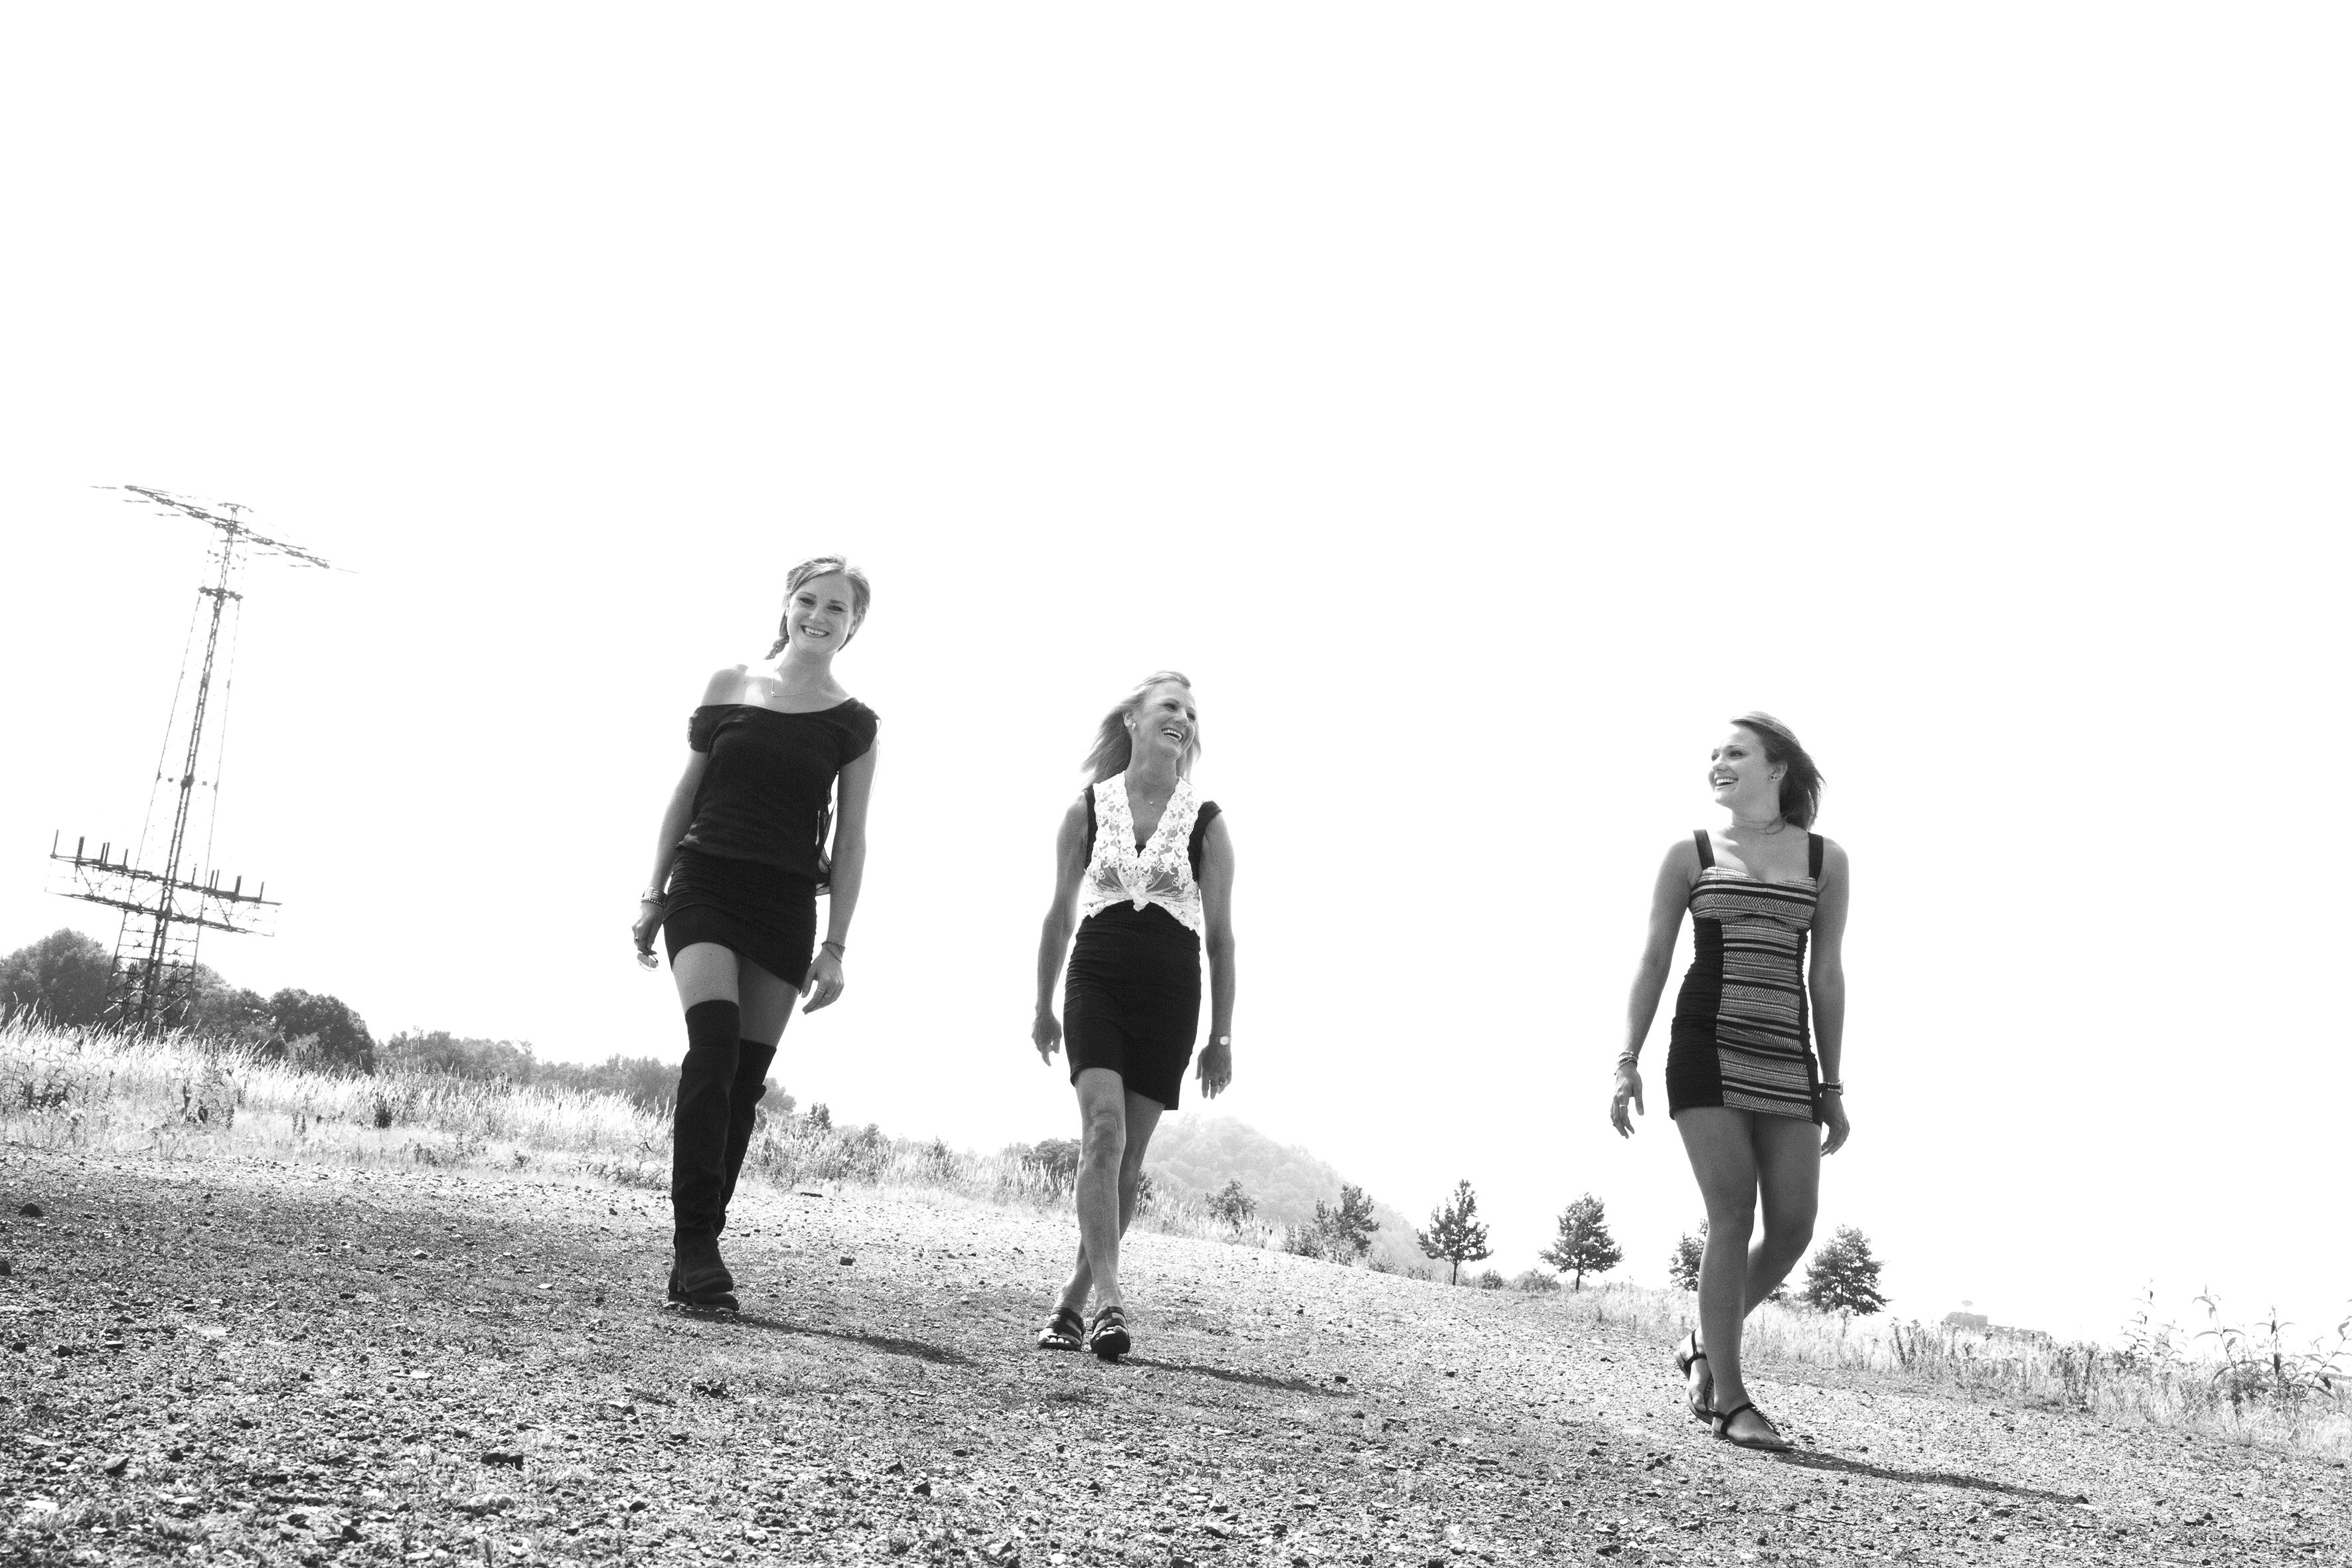 Janine Rahn, rahnphotography, schwarz weiß, Einöde, Landschaft, Industrielandschaft, Gleispark, schwarzweiß, rockig